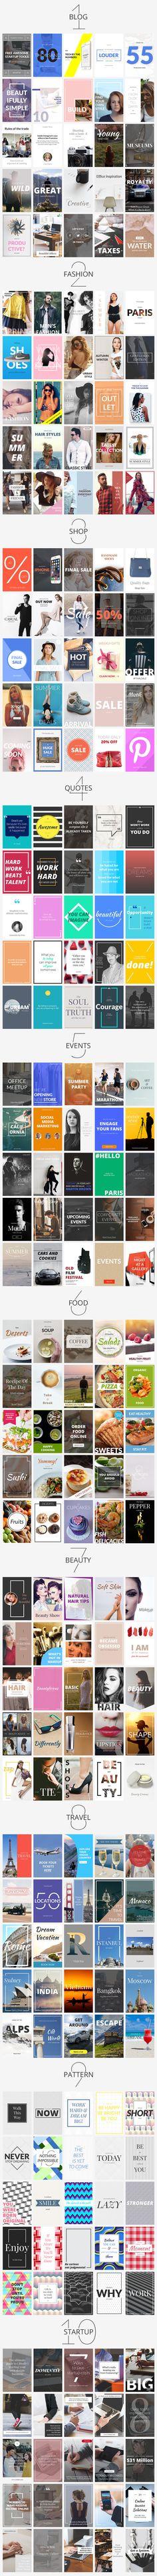 Pinterest Social Media Banners Pack on @creativemarket #pinterest #socialmedia #banner #blog #marketing #graphic #website #design #blogbanner #bloggraphic #socialmediagraphic #websitegraphic